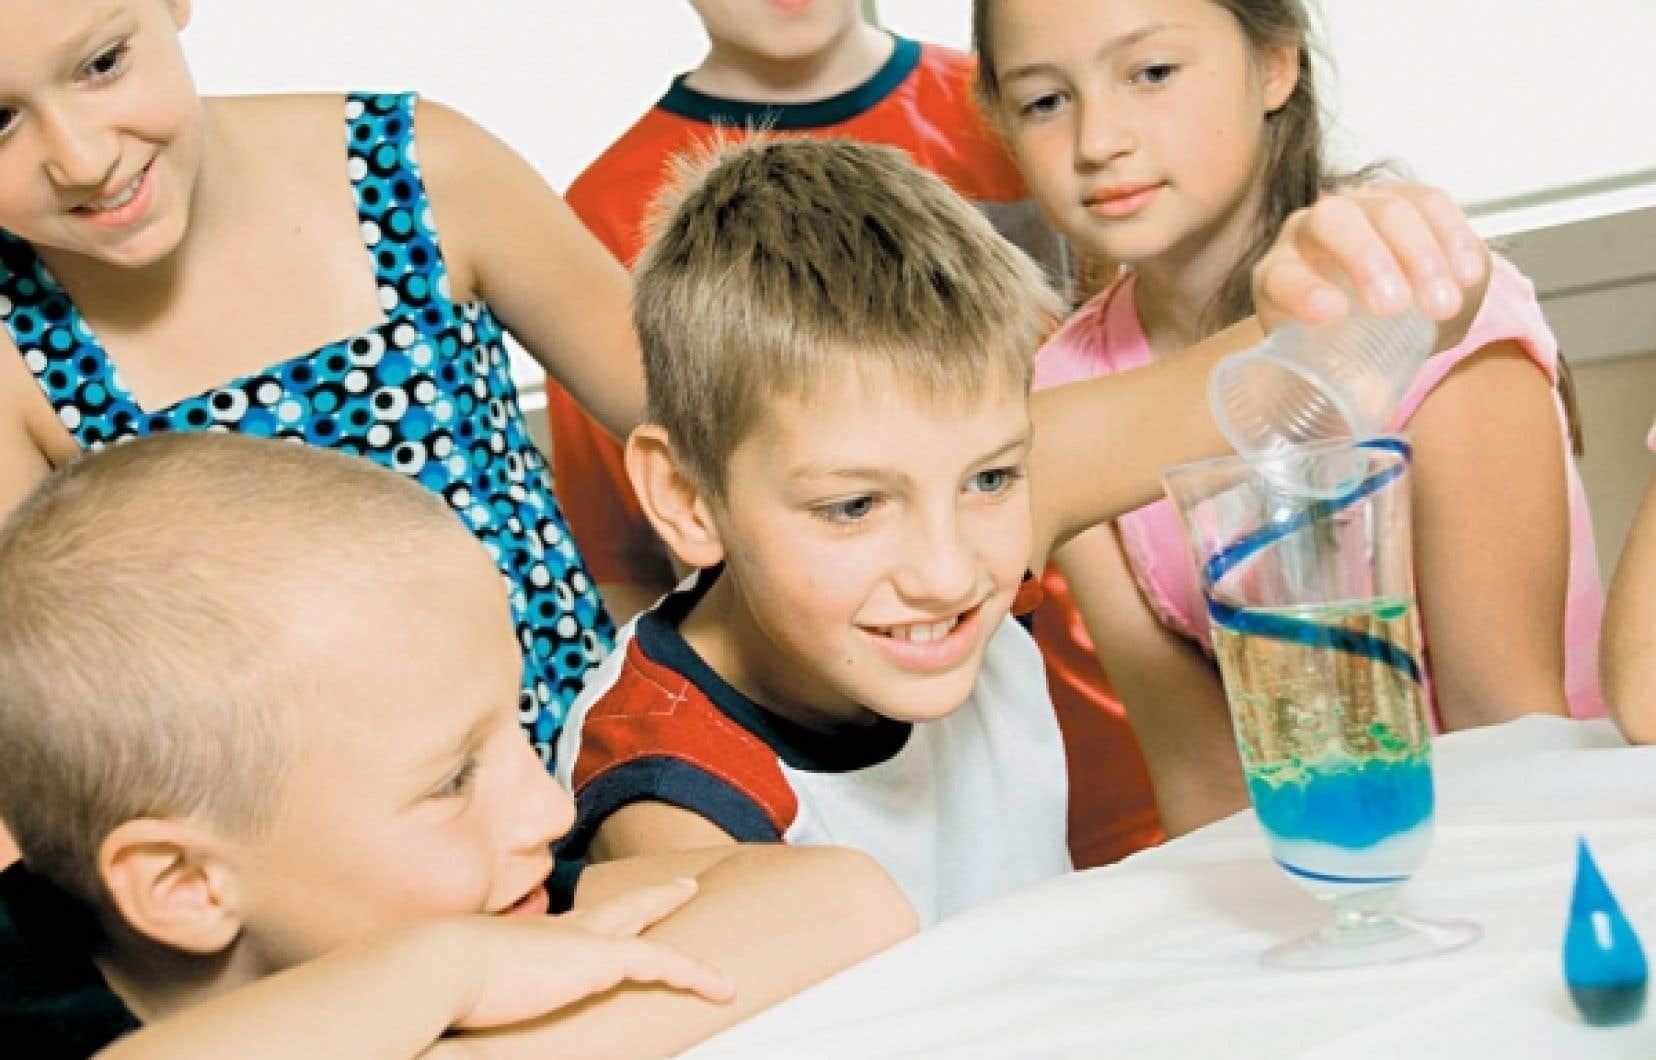 Les enfants qui participent aux rencontres du Club des Débrouillards ont la possibilité d'apprendre de nombreux principes scientifiques tout en s'amusant.<br />